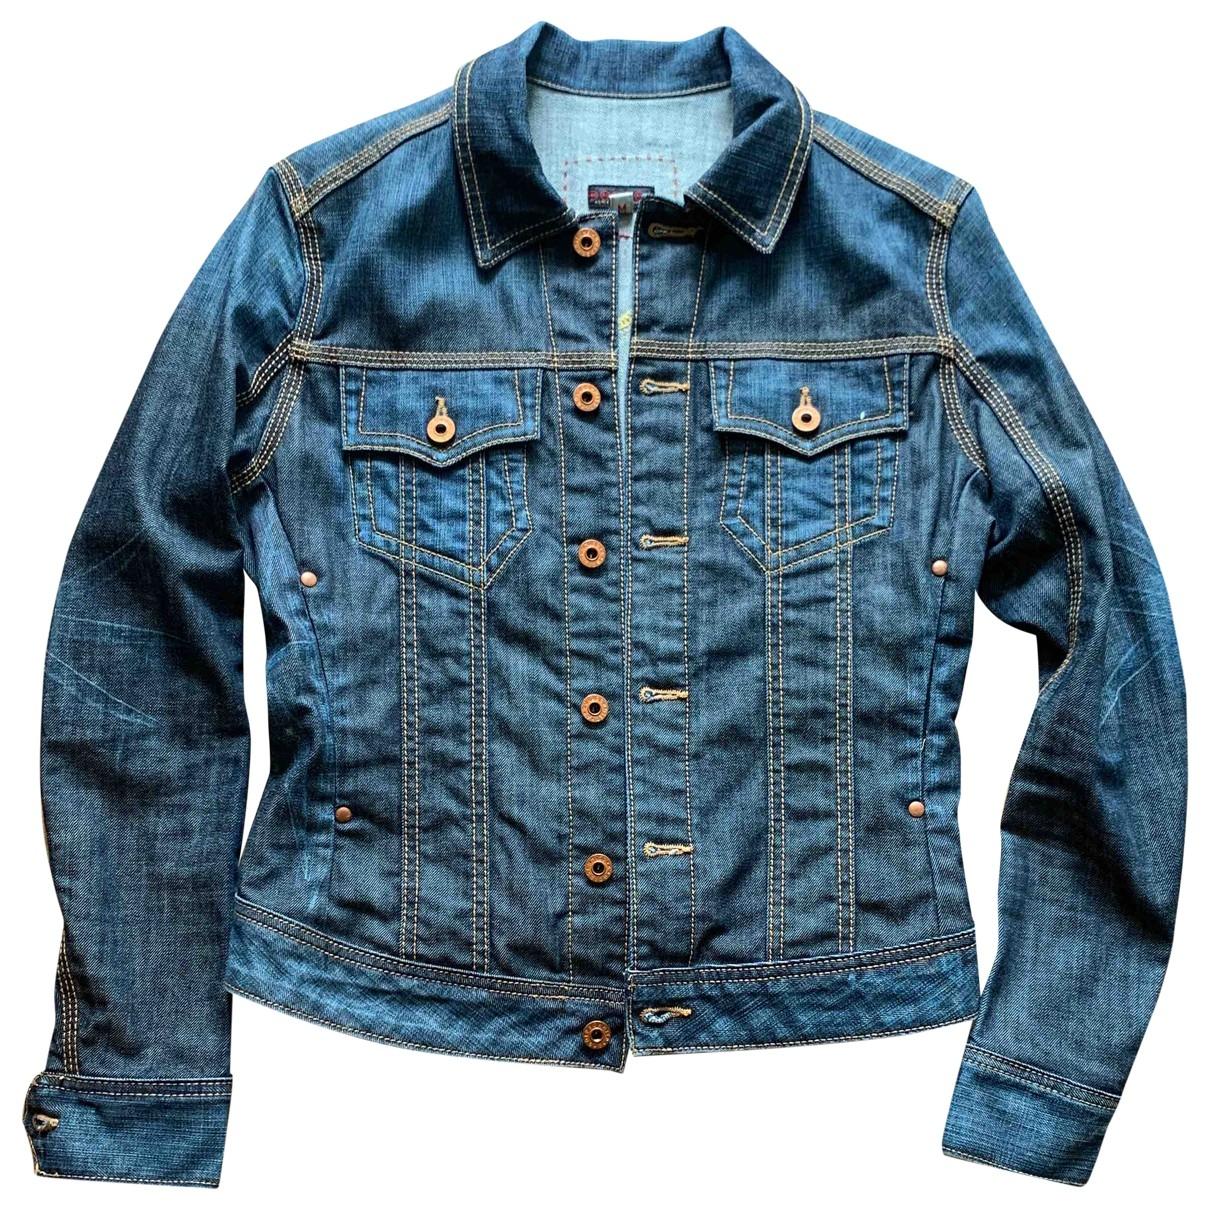 Adriano Goldschmied \N Blue Denim - Jeans jacket for Women M International